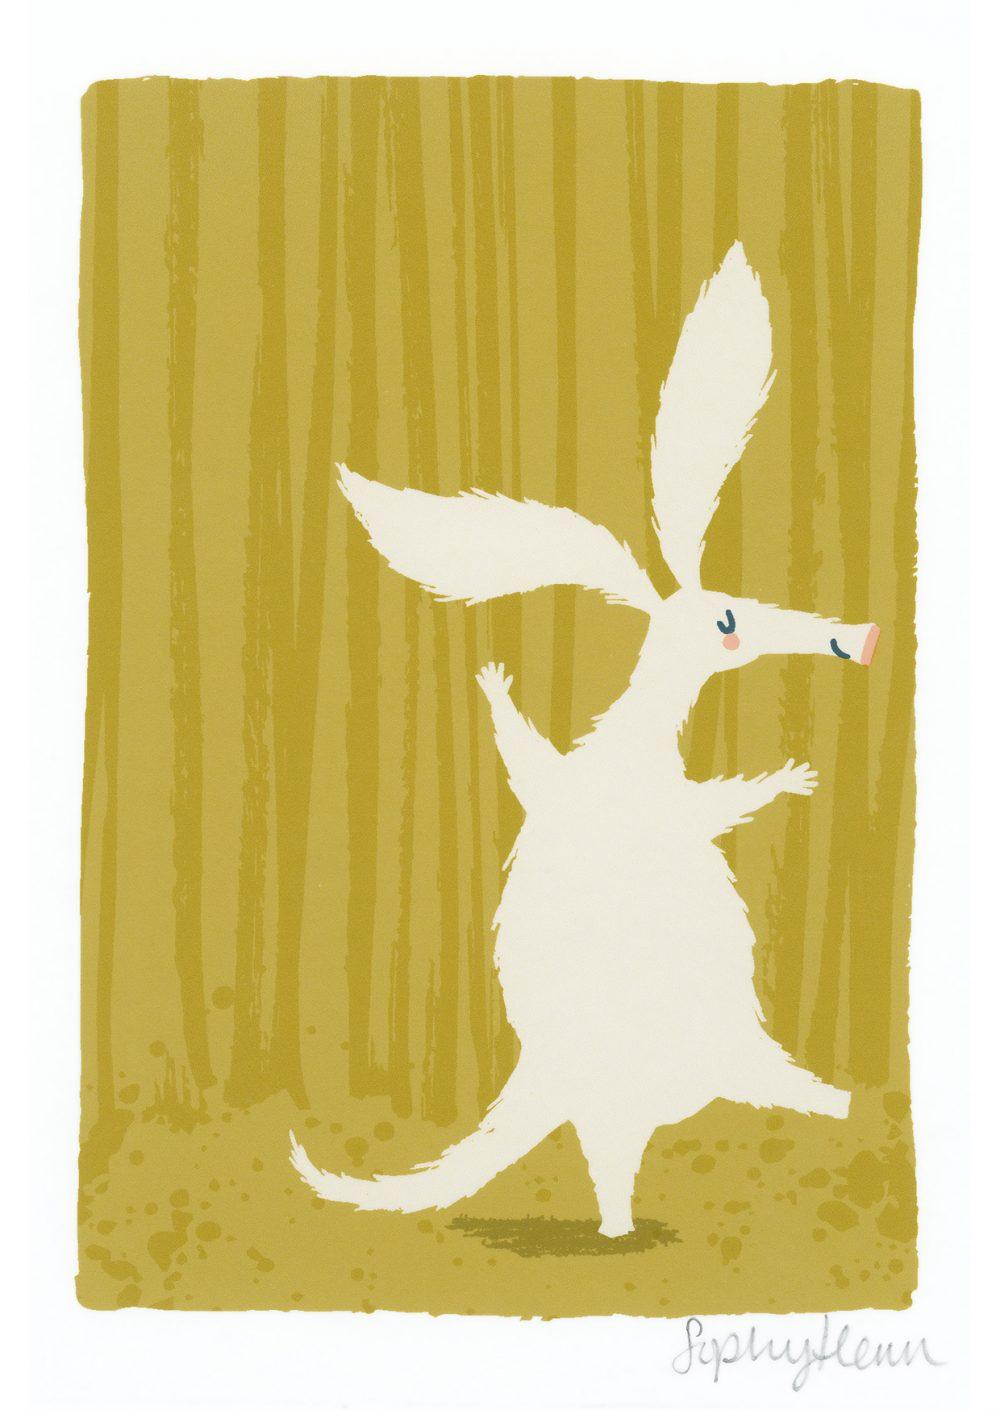 Aardvark – Sophy Henn